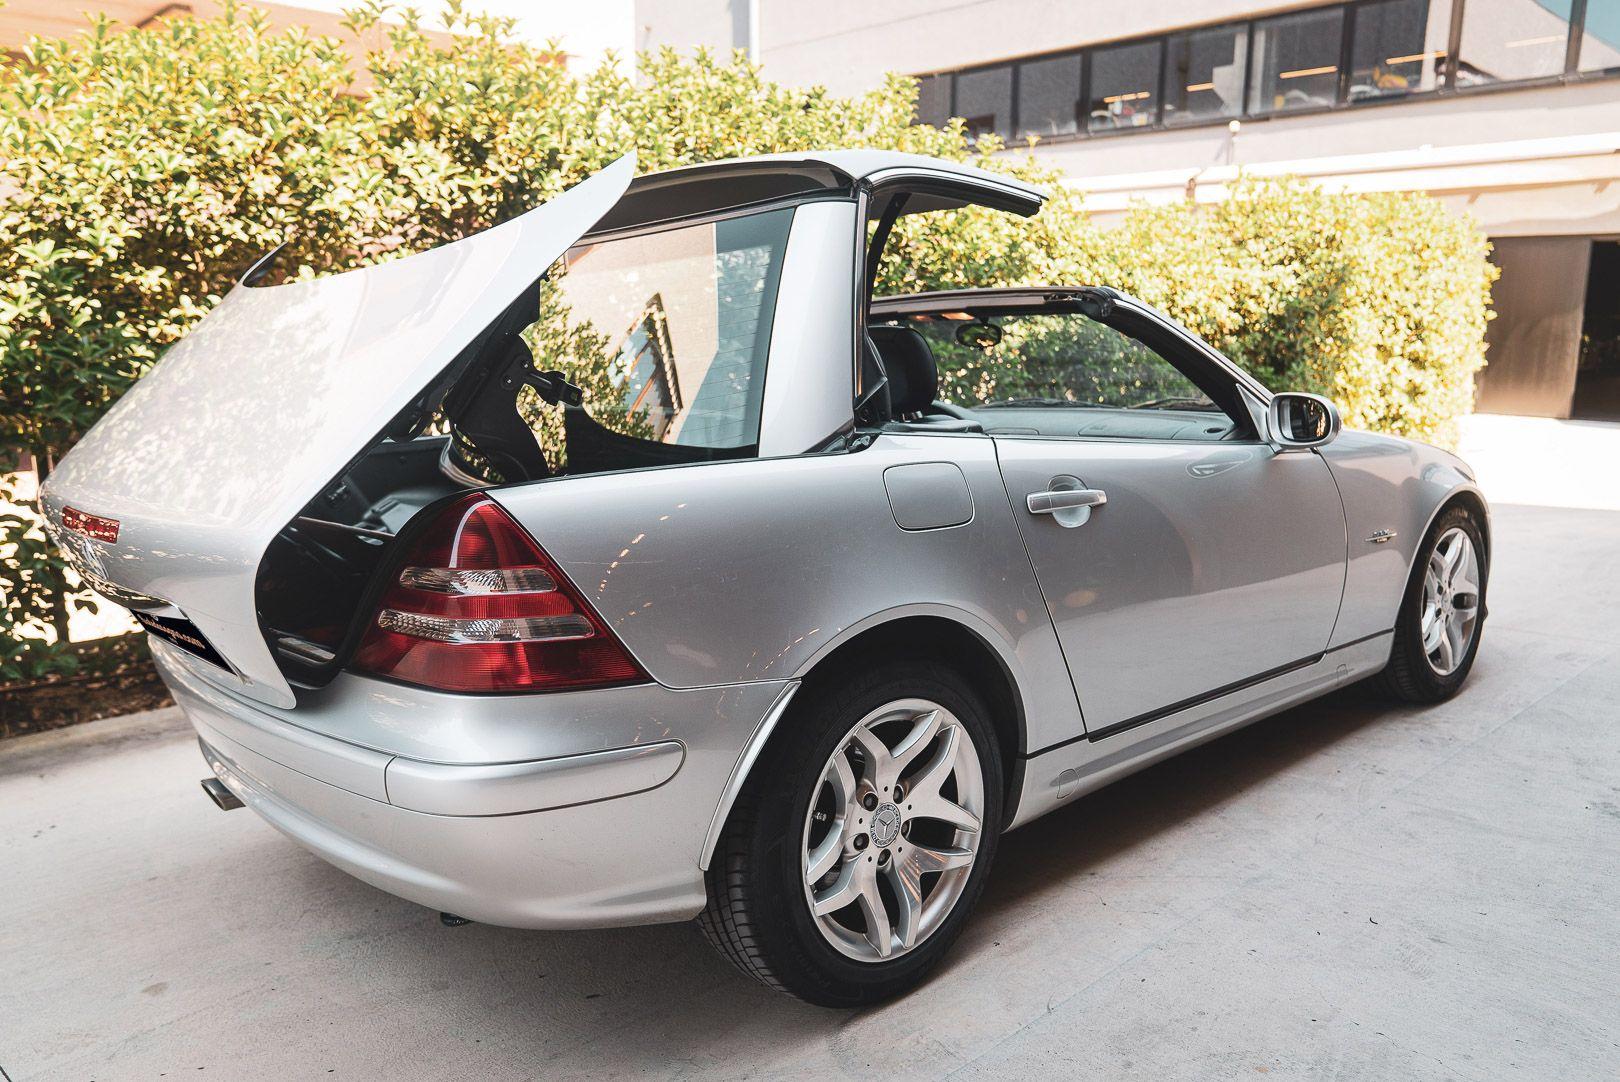 2004 Mercedes Benz 200 SLK Kompressor Special Edition 80725